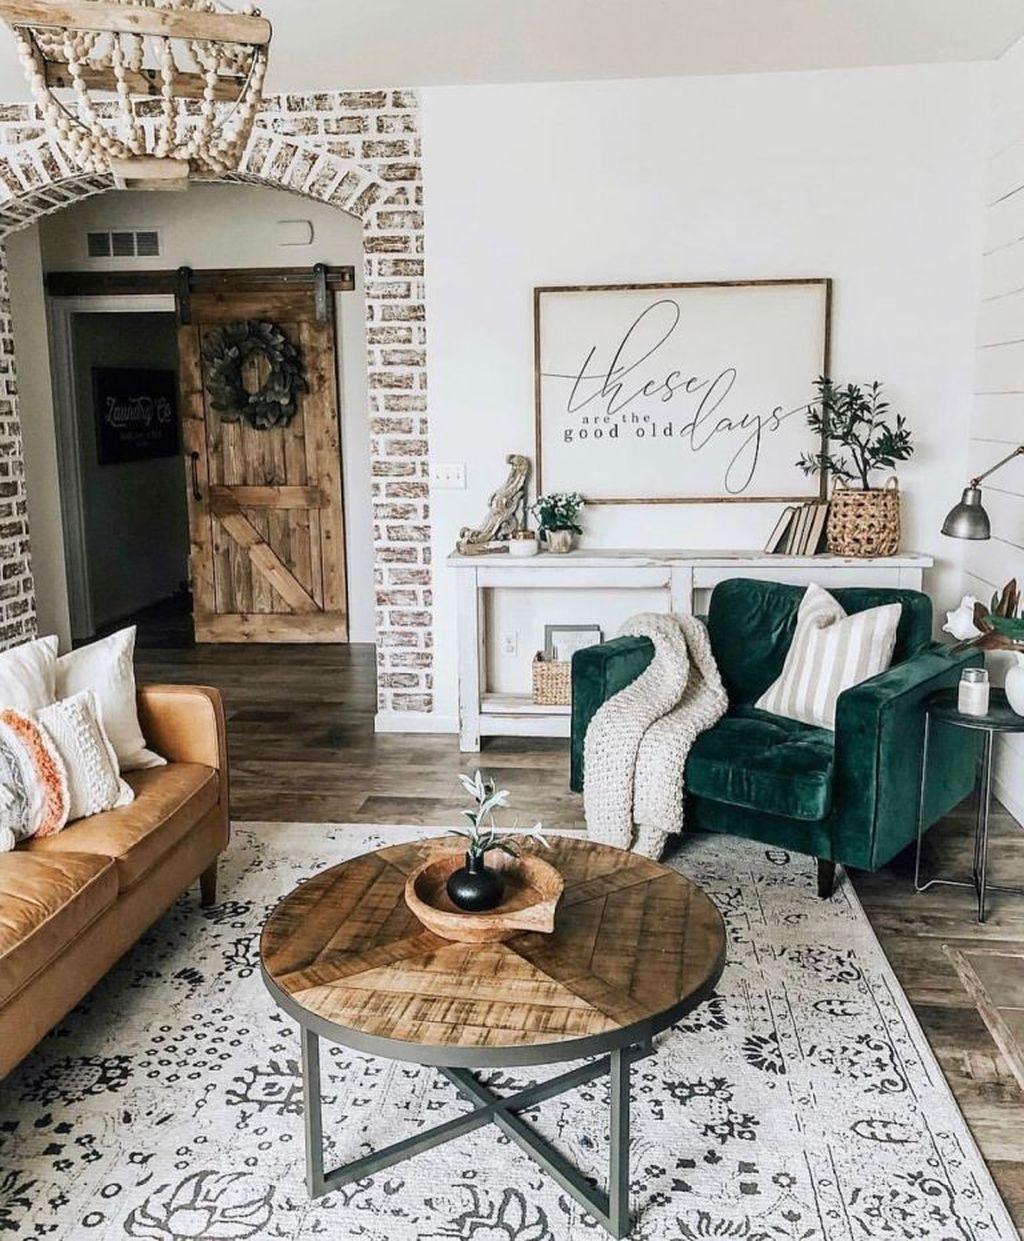 35 Wohnliche Dekoideen im Bauernhausstil #modernfarmhousestyle